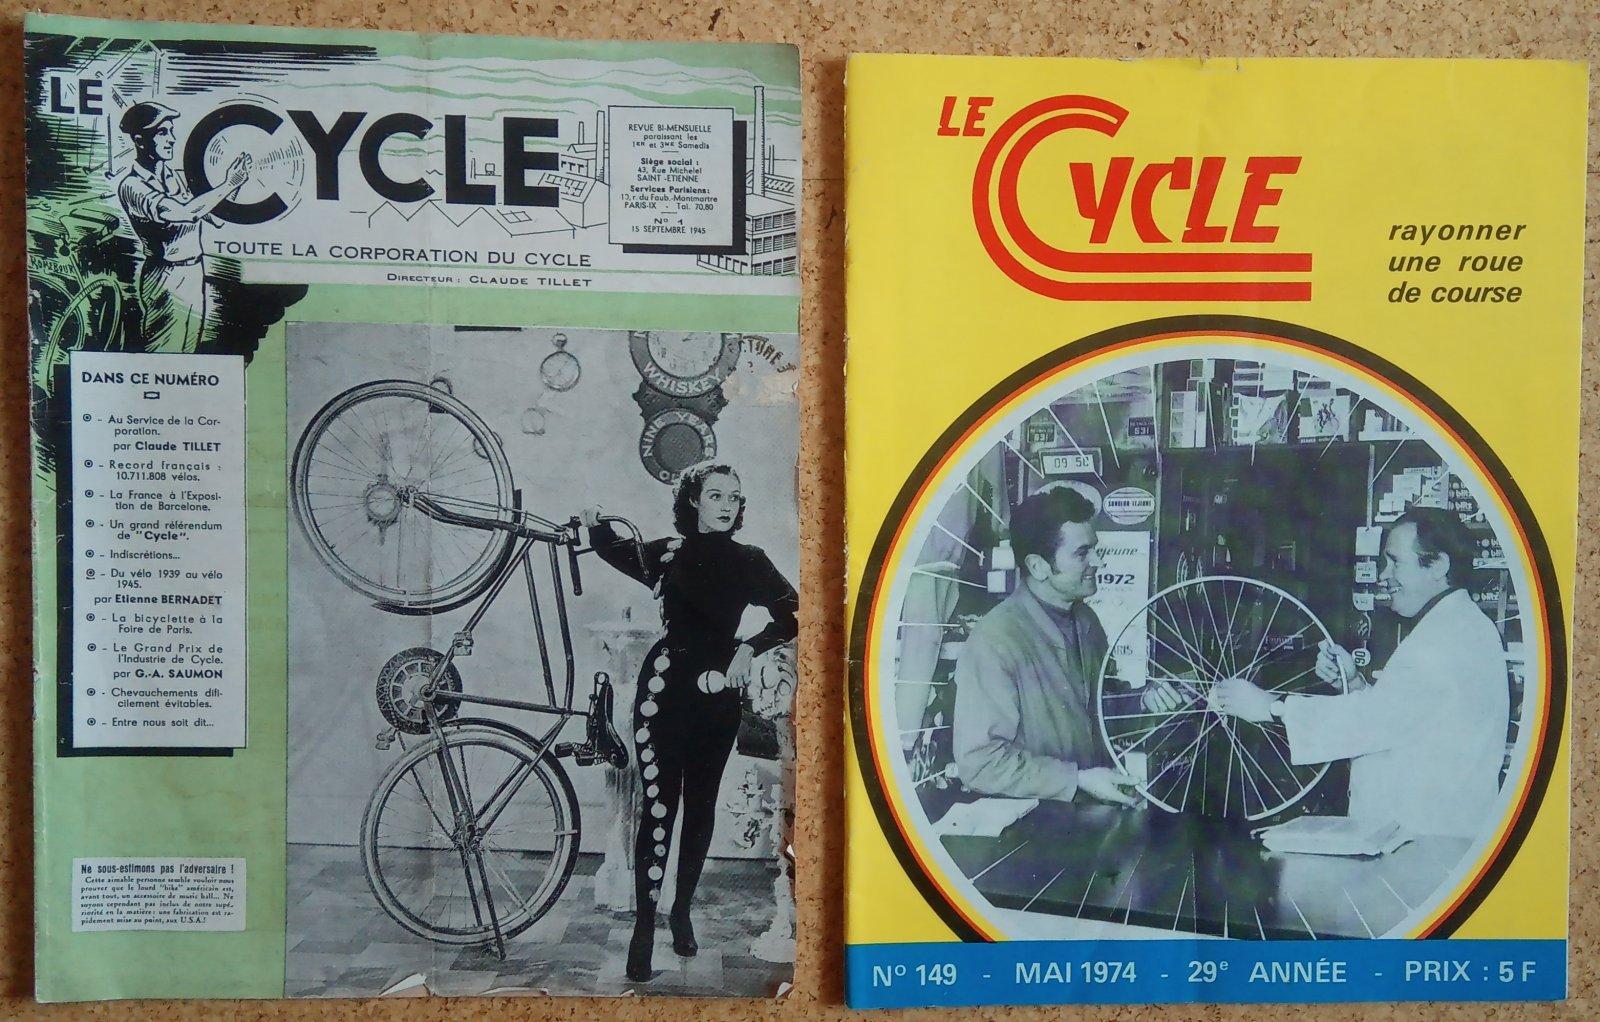 Le Cycle 1945 - 1974.jpg